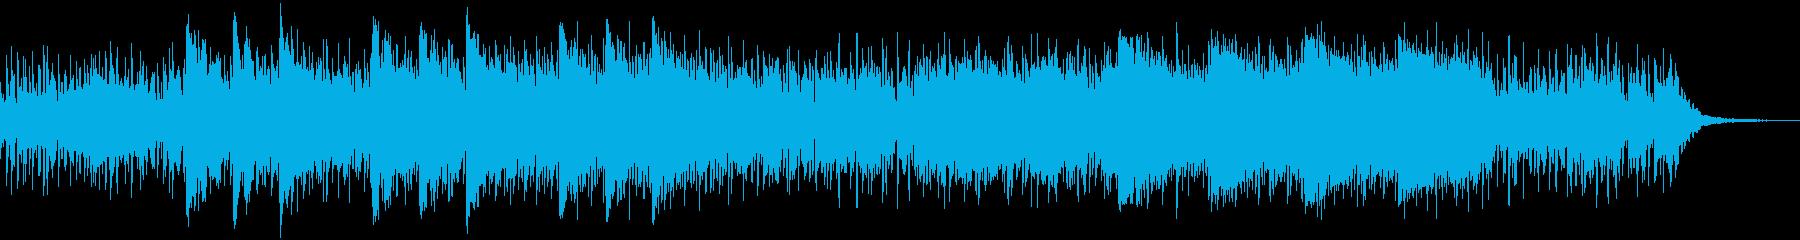 ミステリー感のあるシリアスな曲の再生済みの波形